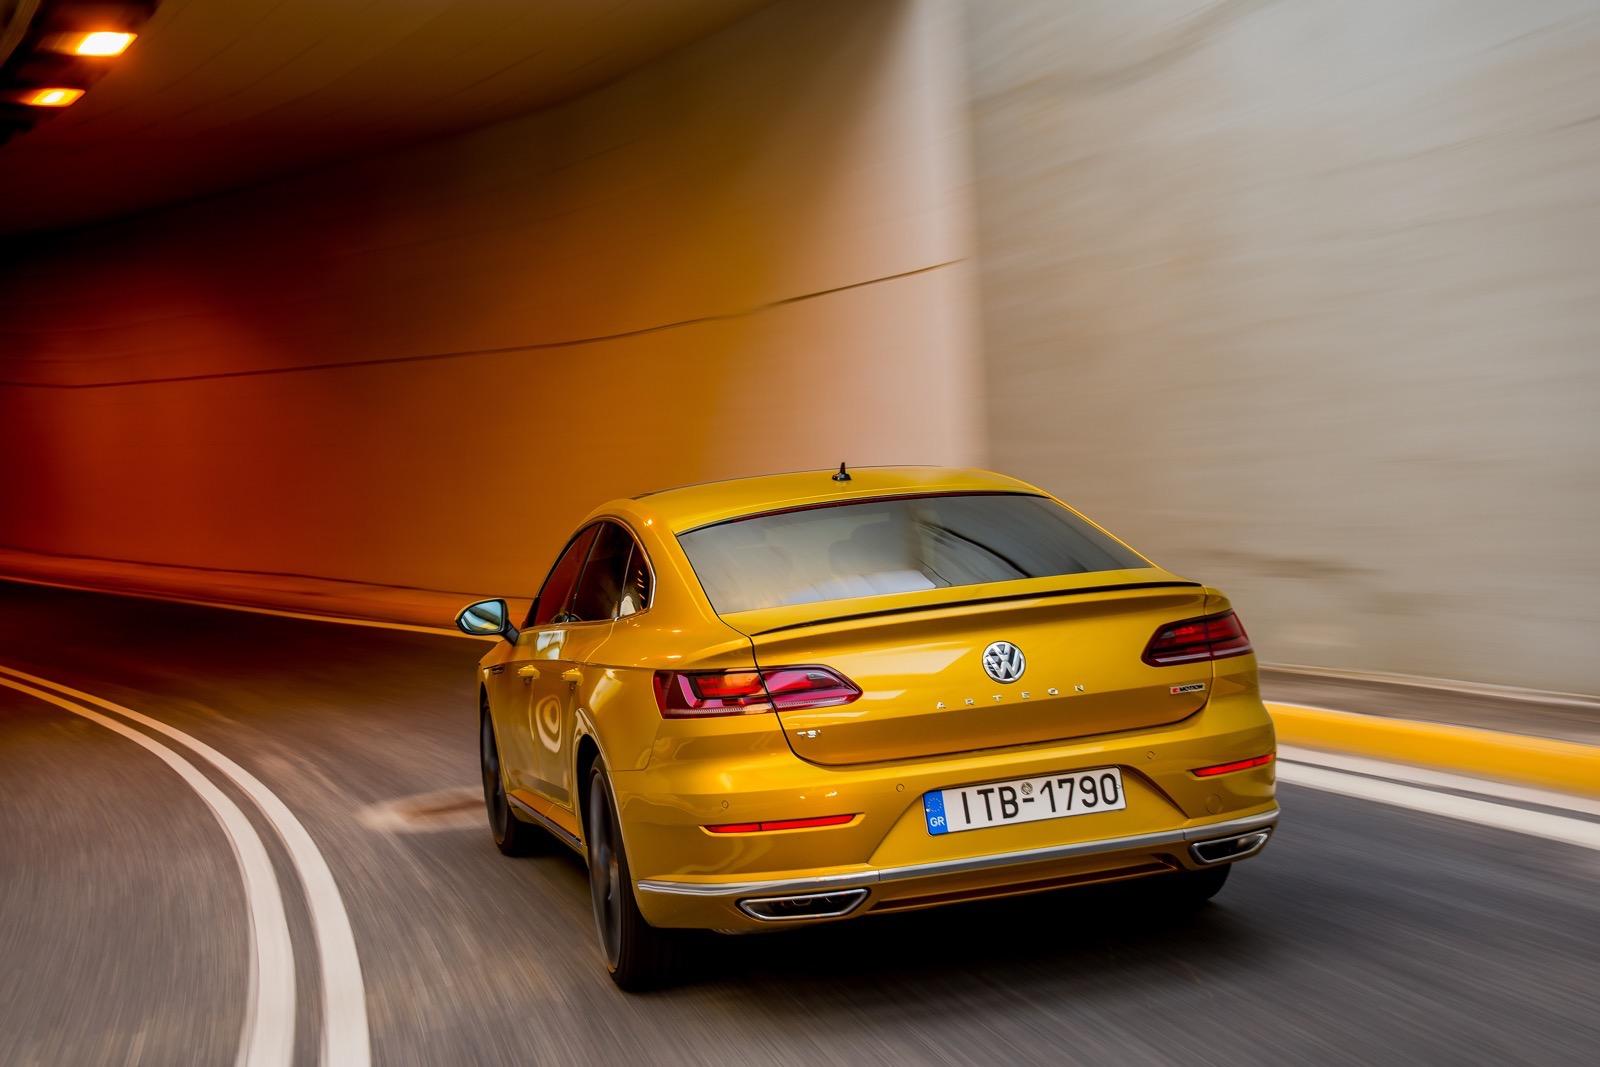 Volkswagen_Arteon_Greek_Presentataion_10